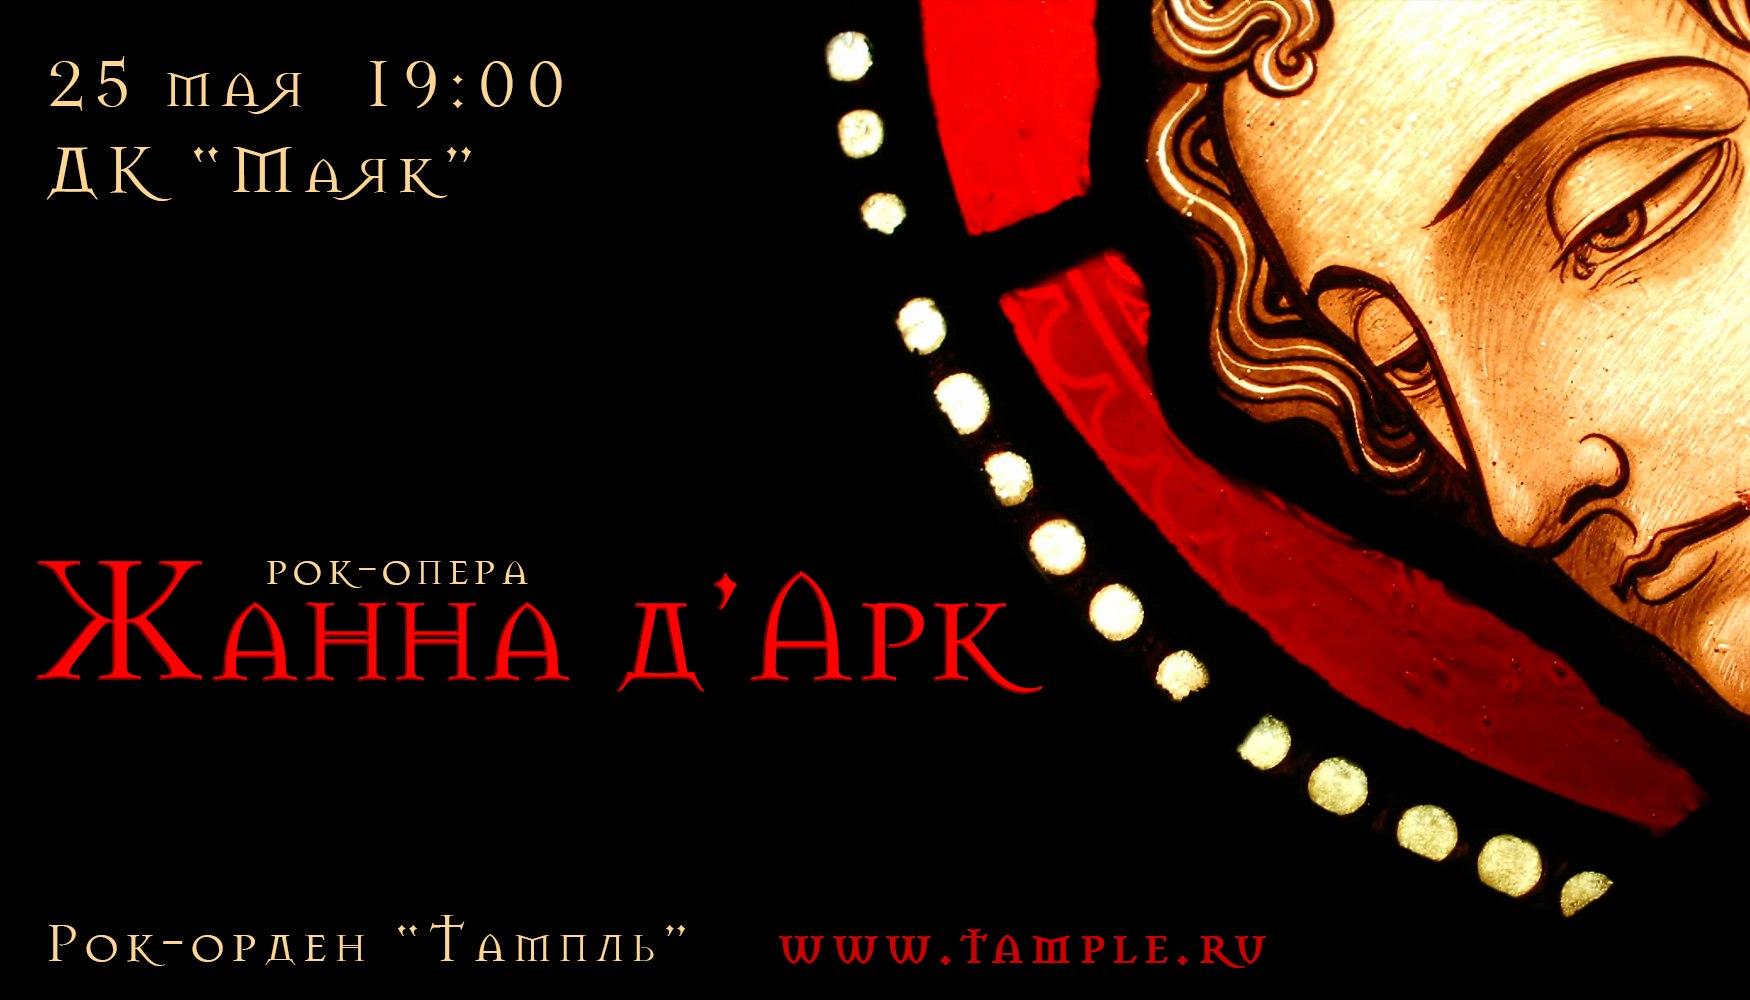 http://vk.com/event50581074